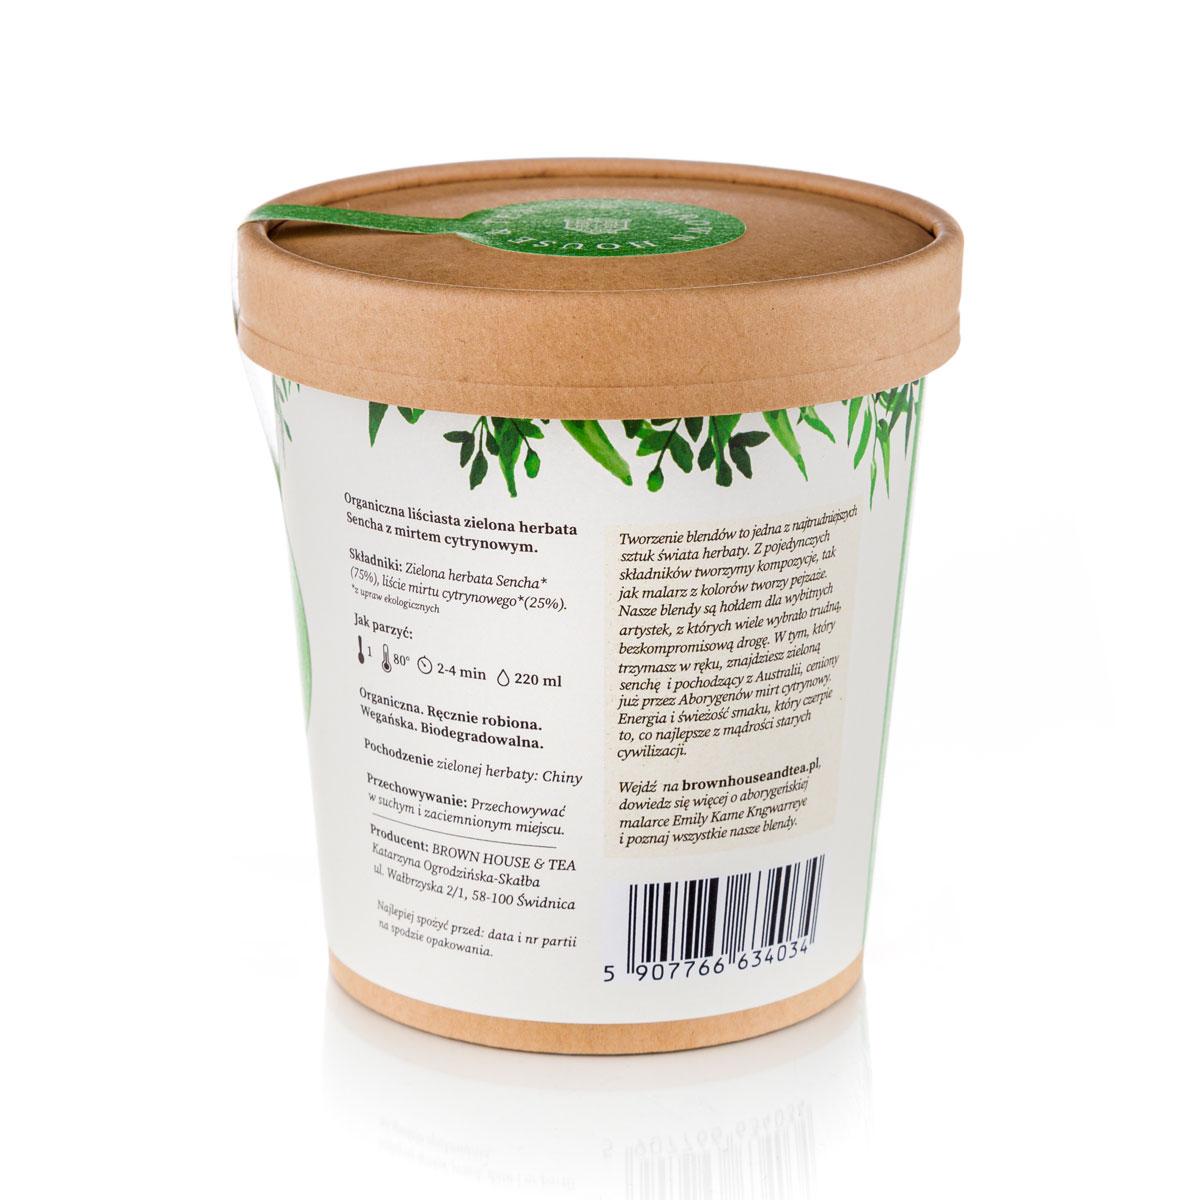 Ten blend zielonej herbaty sencha i mirtu cytrynowego to hołd złożony rdzennej ludności Australii. To właśnie Aborygenom świat zawdzięcza mirt cytrynowy. Często używali go nie tylko jako przyprawy, ale też jako lekarstwa na różne dolegliwości. Połączenie jego właściwości zdrowotnych z mocą zielonej herbaty to solidna, pozytywna motywacja do działania. Orzeźwiający mirt cytrynowy podkreśla i dopełnia łagodny smak i aromat zielonej herbaty. Dzięki temu połączeniu blend pachnie i smakuje przyjemnie cytrusowo, trochę jak mieszanka cytryny, pomarańczy i grejpfruta z miętą. O zdrowotnych właściwościach zielonej herbaty można pisać prace naukowe. Jest przebogata w antyoksydanty, takie jak katechiny, zdrowe cukry, czyli saponiny, beta-karoten, czyli słynną prowitaminę B5, a także kwas foliowy. Zawiera też sporą dawkę witaminy C, która nie tylko sprawia, że nasza skóra młodnieje i promienieje, ale również pomaga nam w walce z np. przeziębieniami. Dzięki tym oraz wiele innym składnikom zielona h